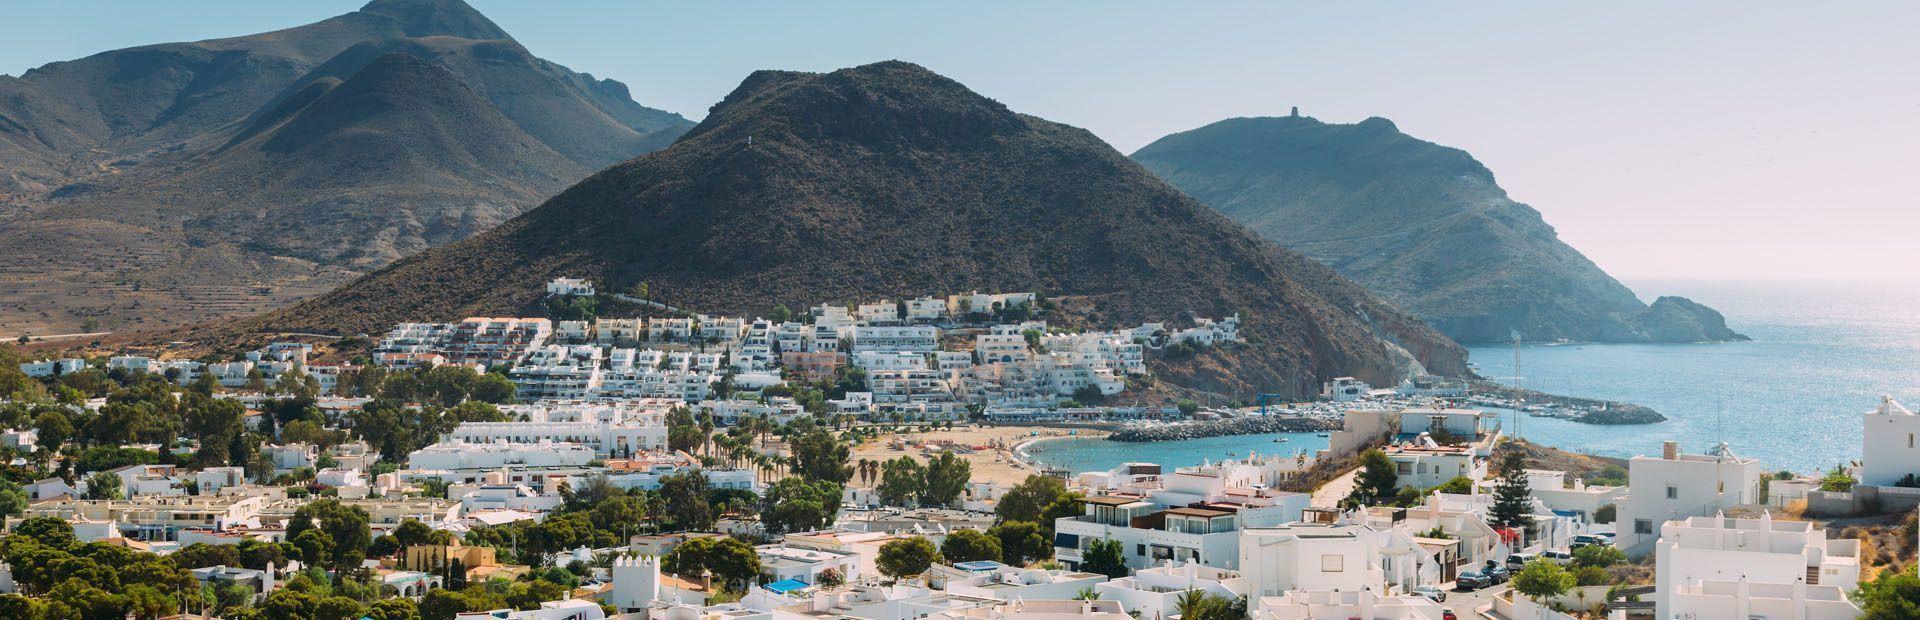 Almería y el Cabo de Gata Express